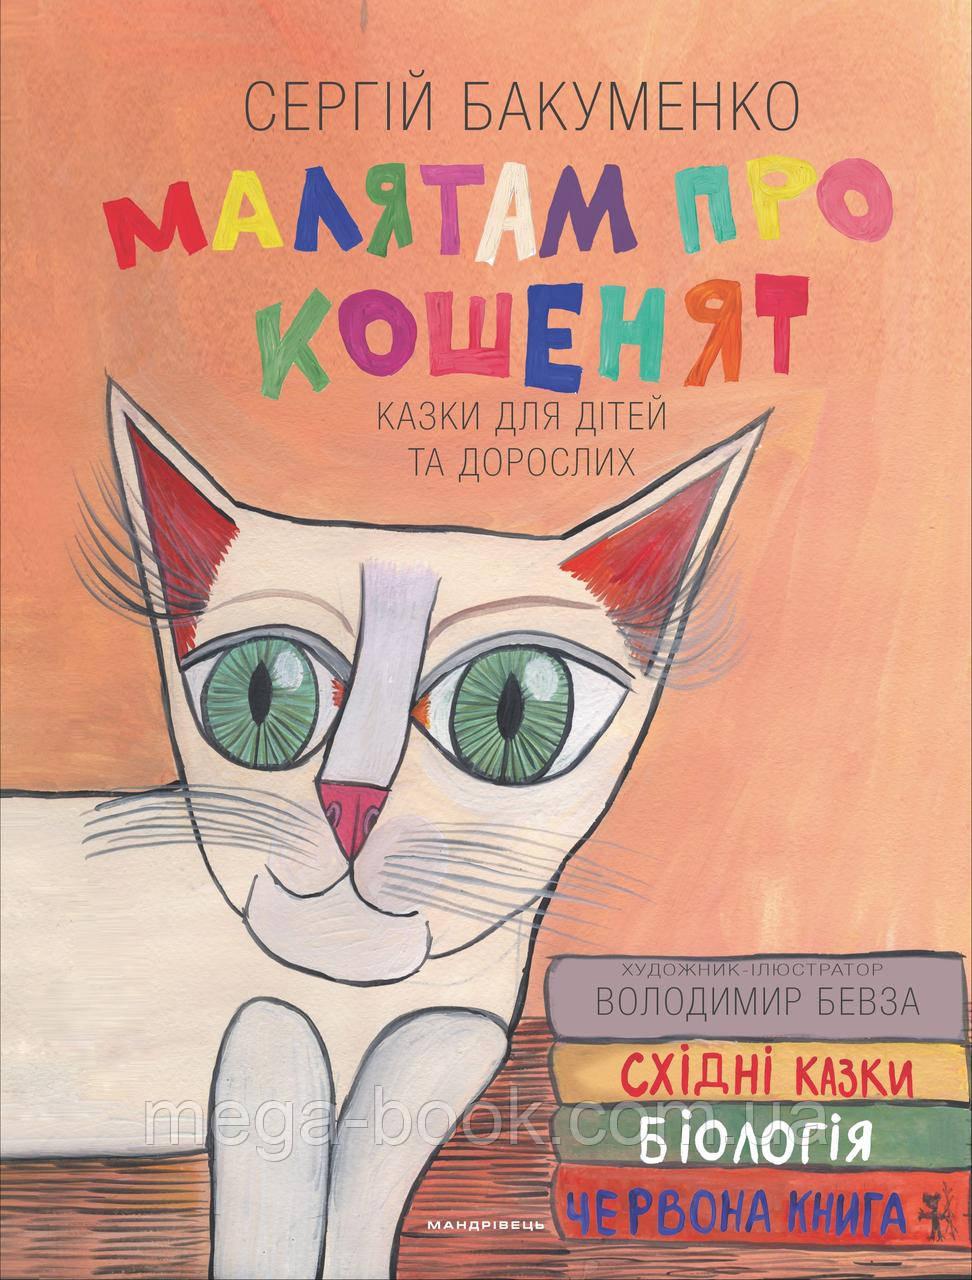 Малятам про кошенят: казки для дітей та дорослих. Сергій Бакуменко